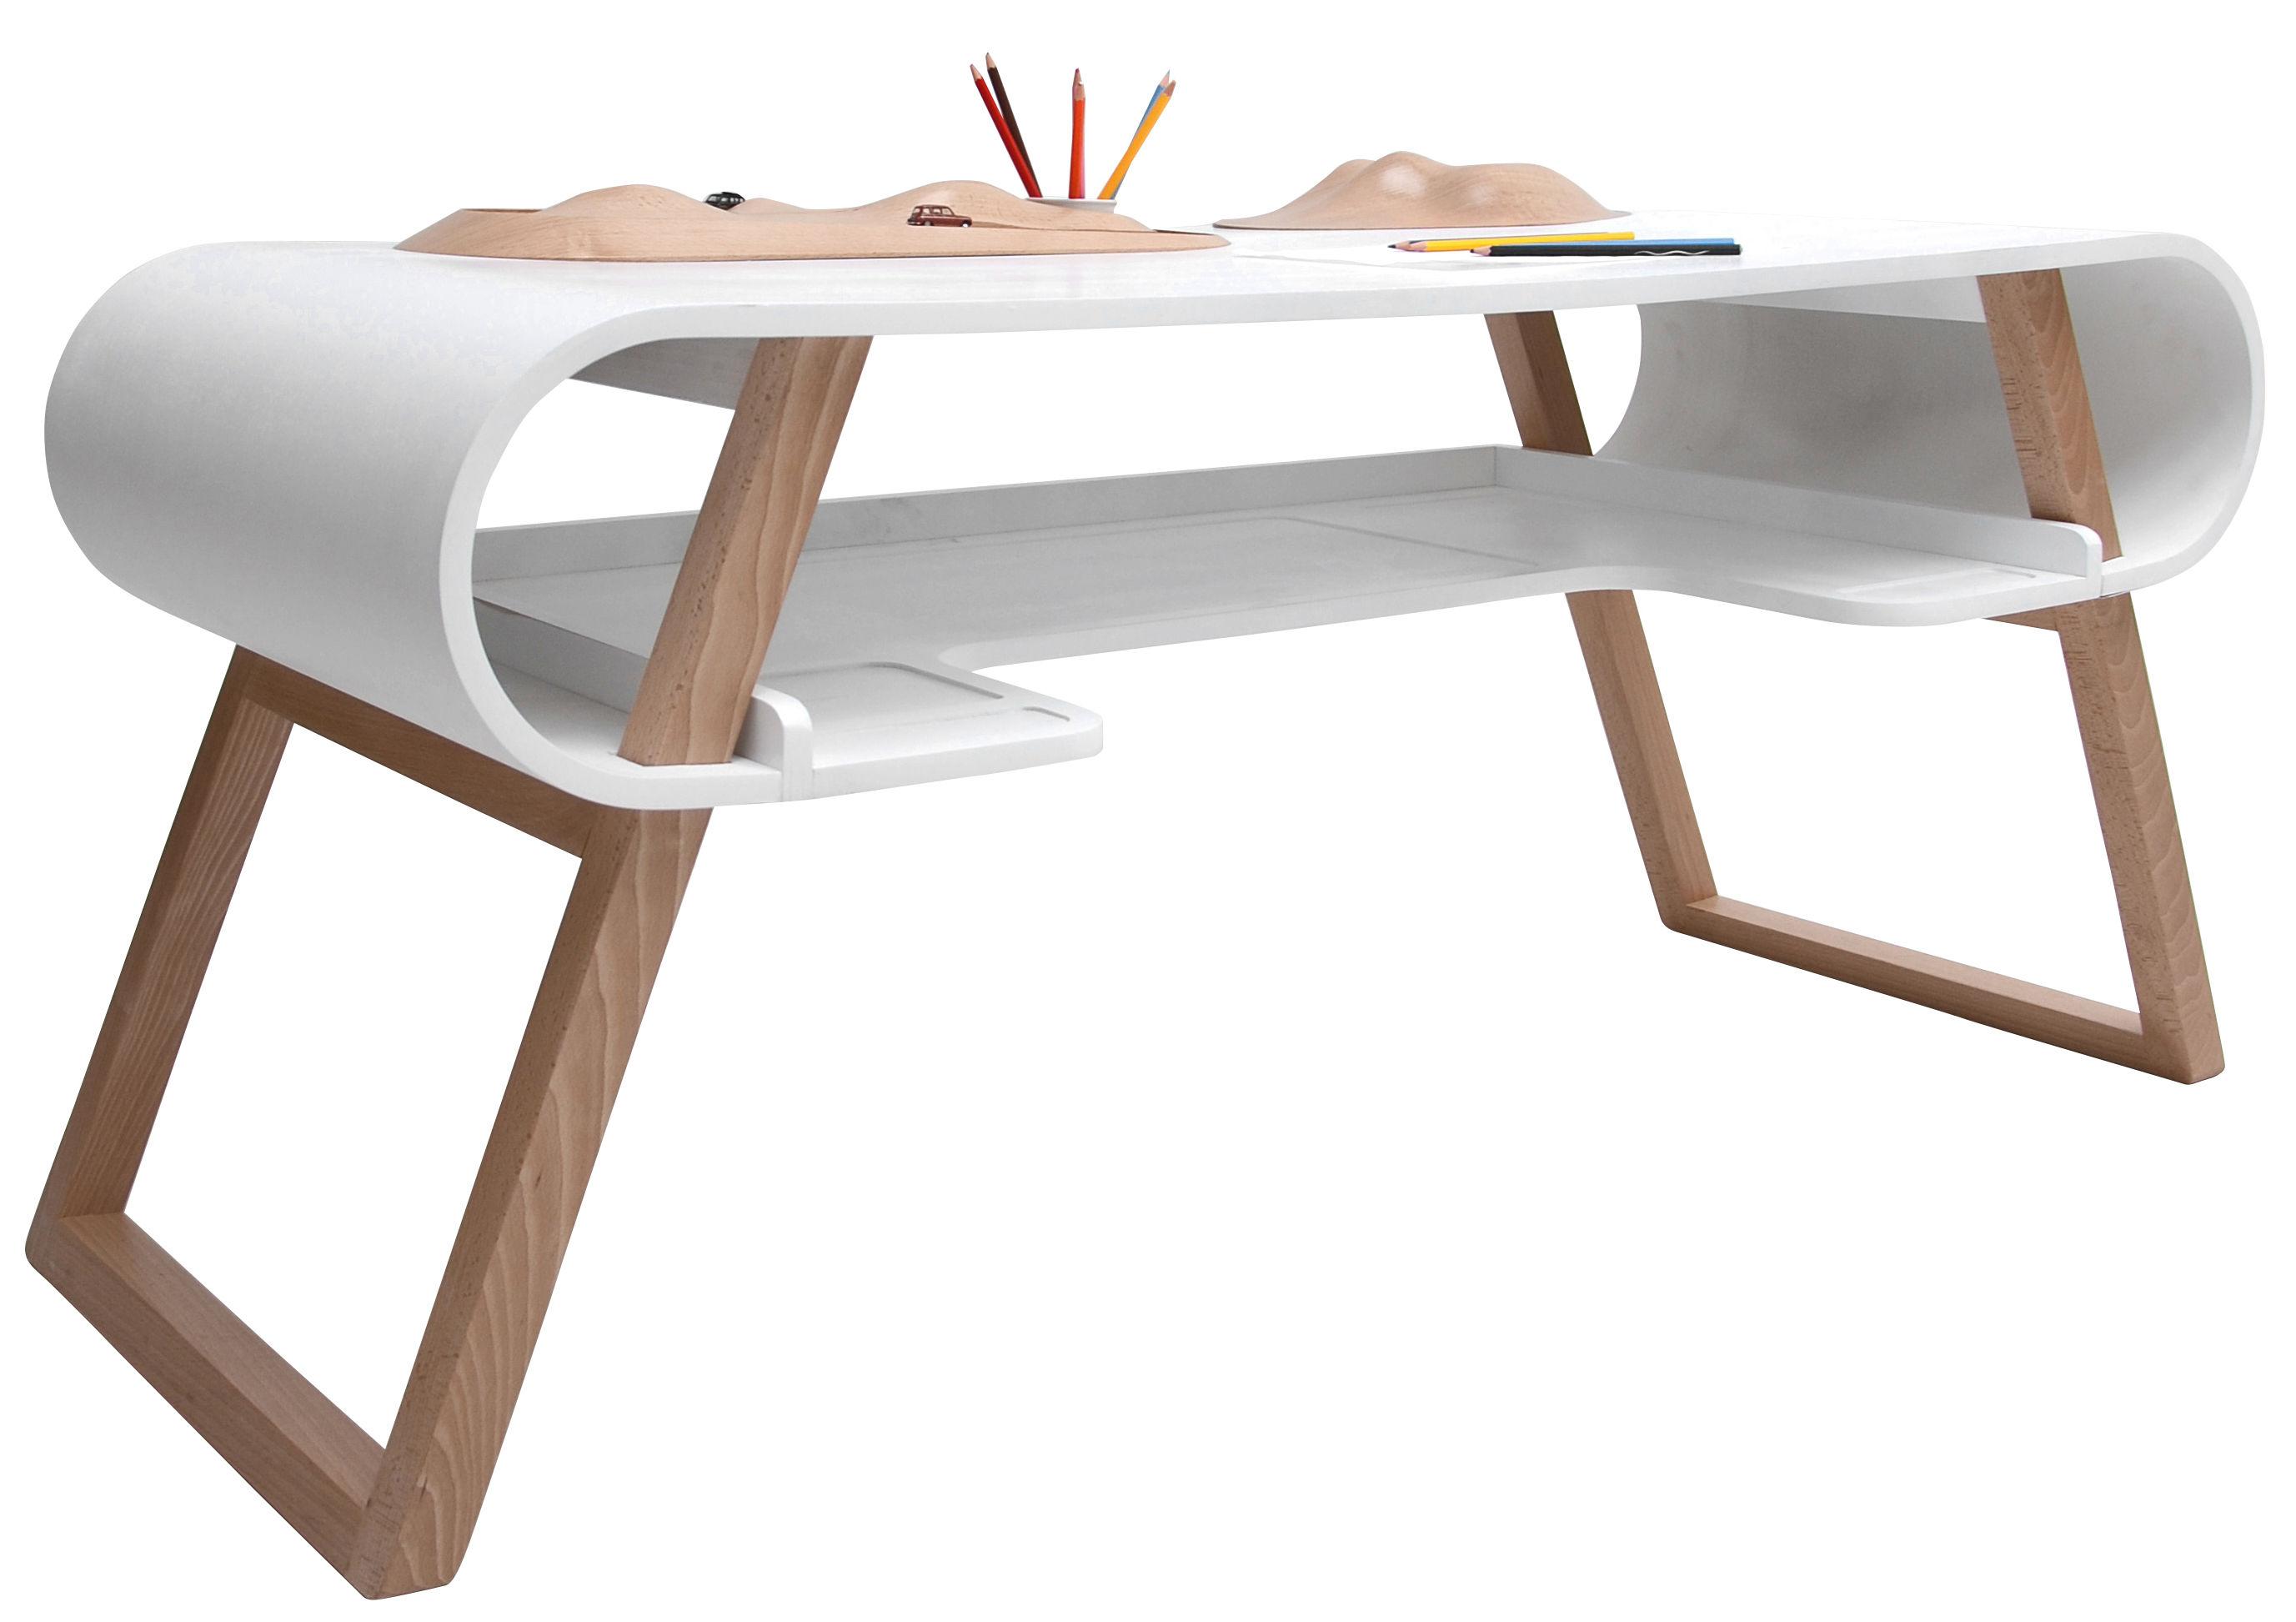 Möbel - Möbel für Kinder - Rubens Kinderschreibtisch - Compagnie - Weiß - massive Buche, MDF cintré